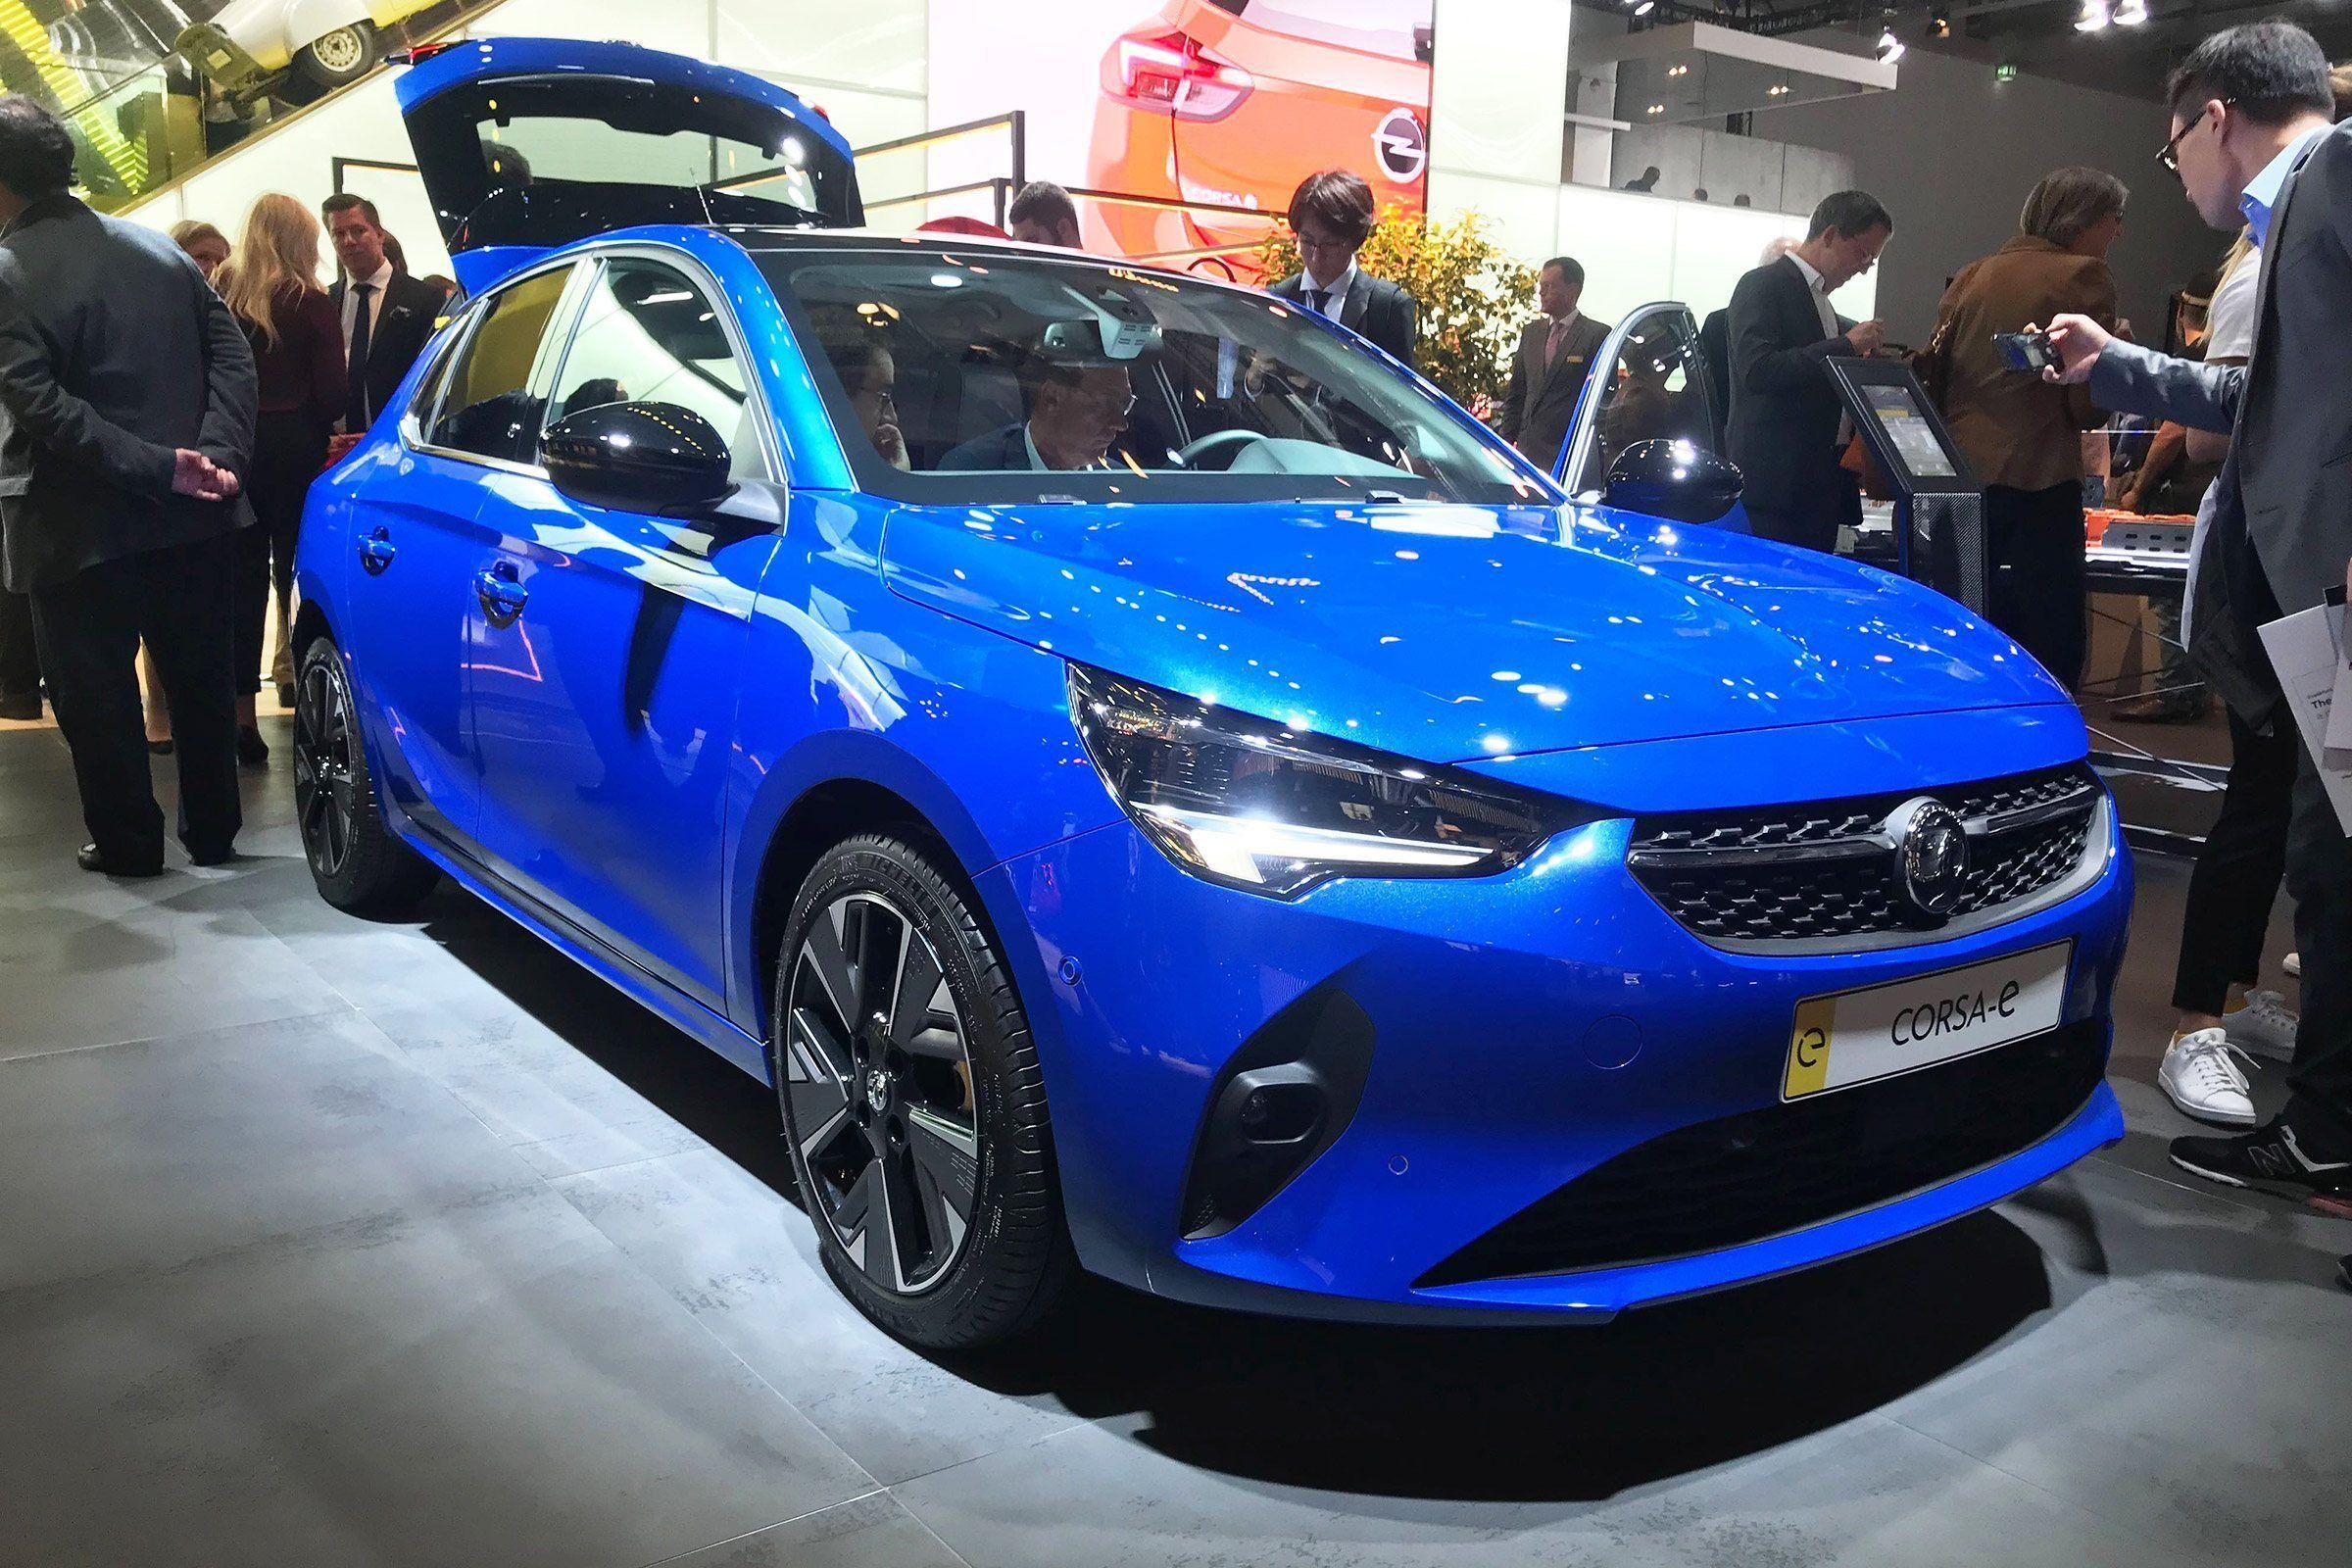 2021 Opel Corsa Reviews in 2020 | Opel corsa, Opel ...